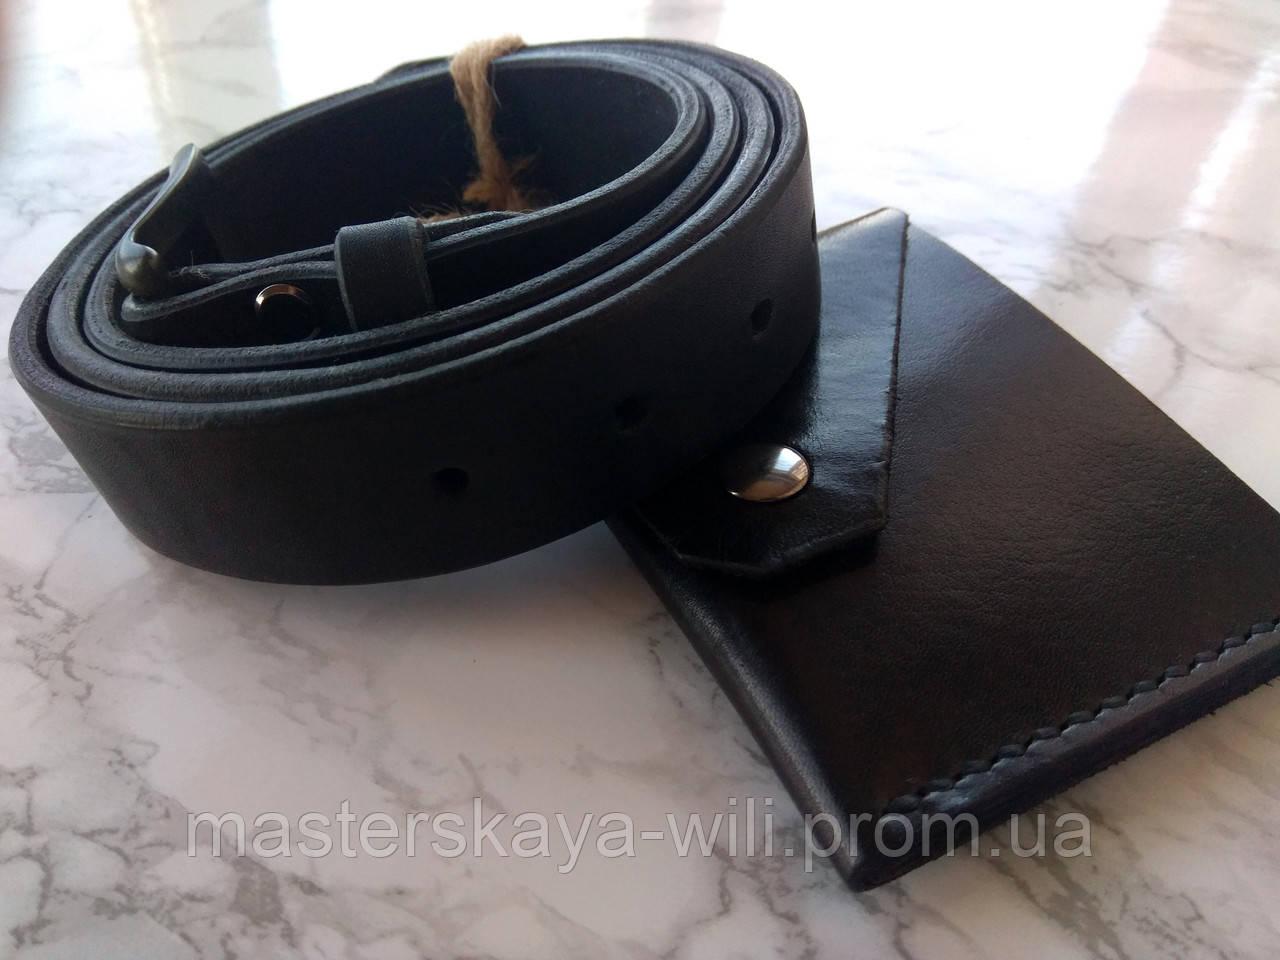 Кожаный ремень ручной работы, цвет черный (30 см)